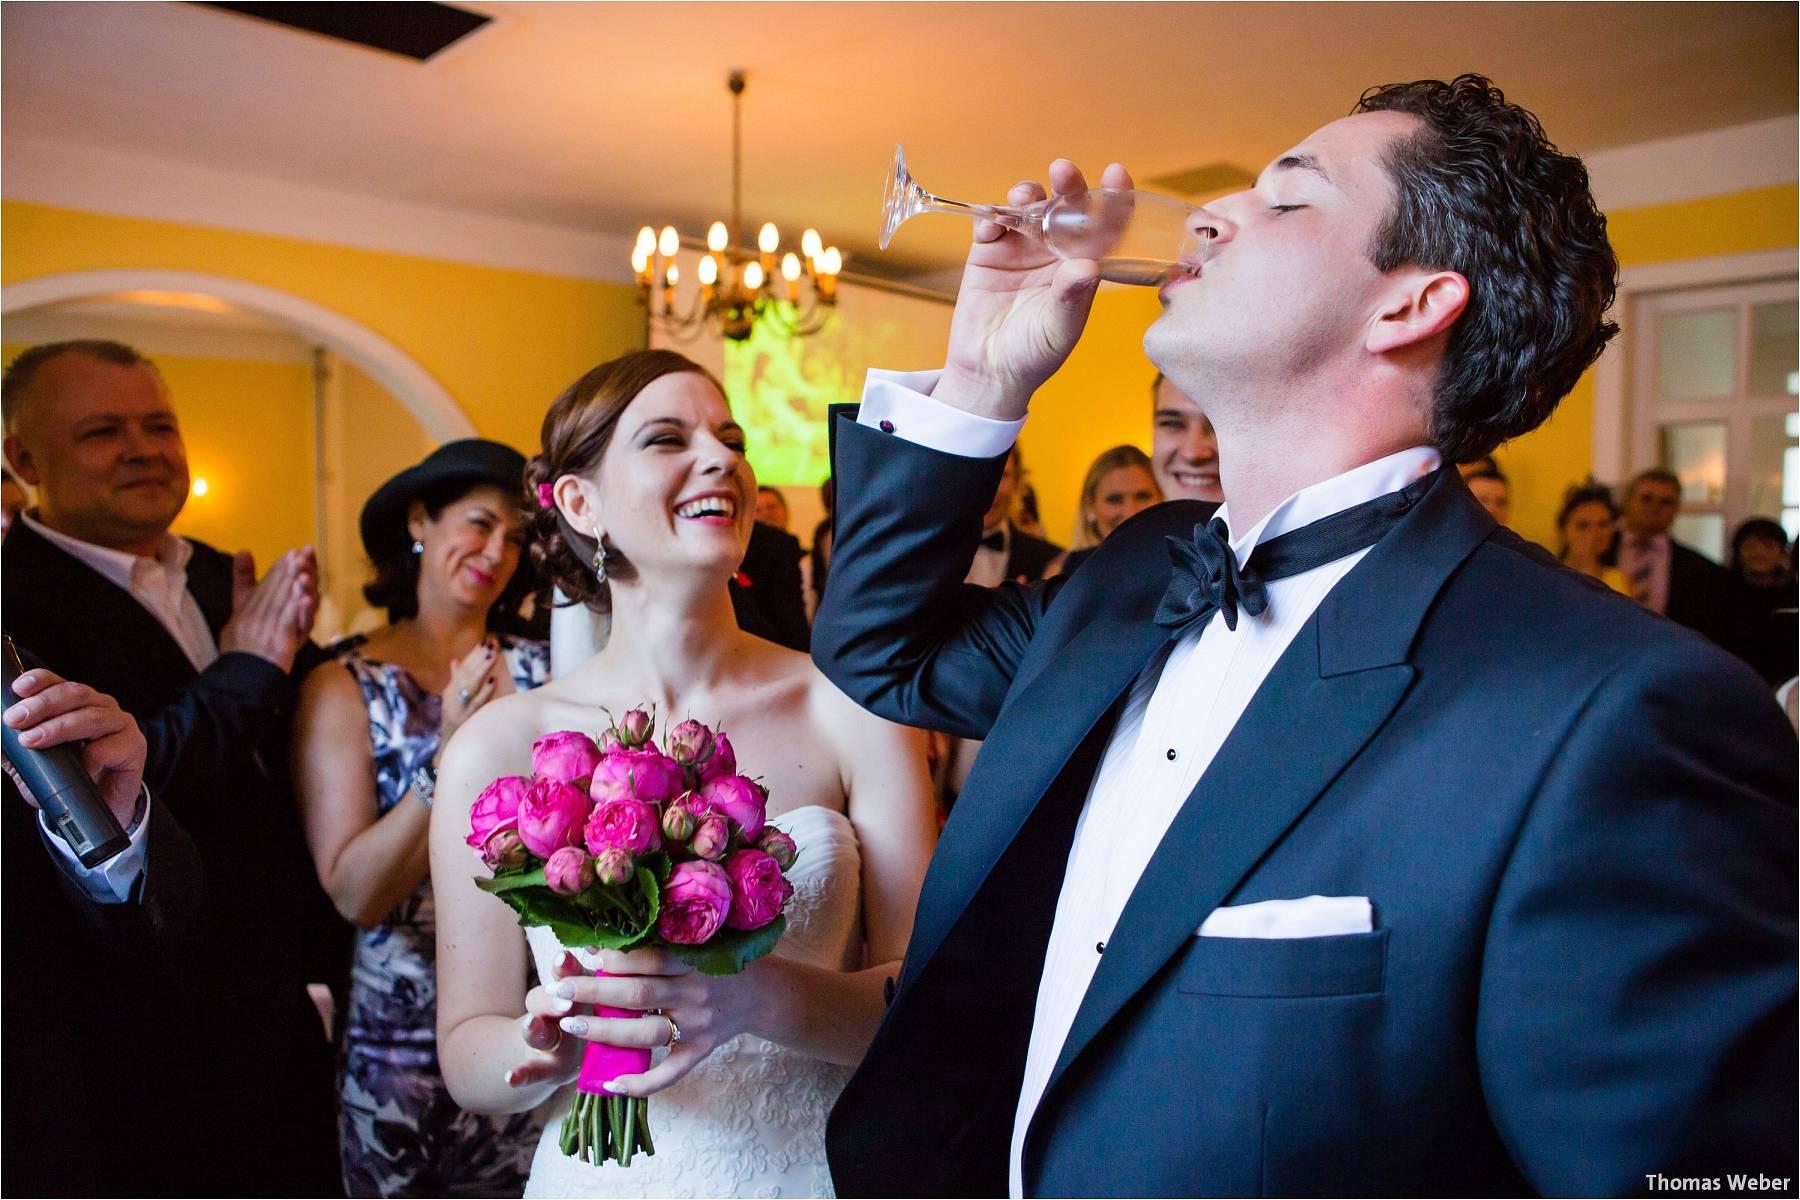 Hochzeitsfotograf Oldenburg: Russische Hochzeit im Standesamt am Pferdemarkt und Hochzeitsfeier im Landhaus Etzhorn (22)